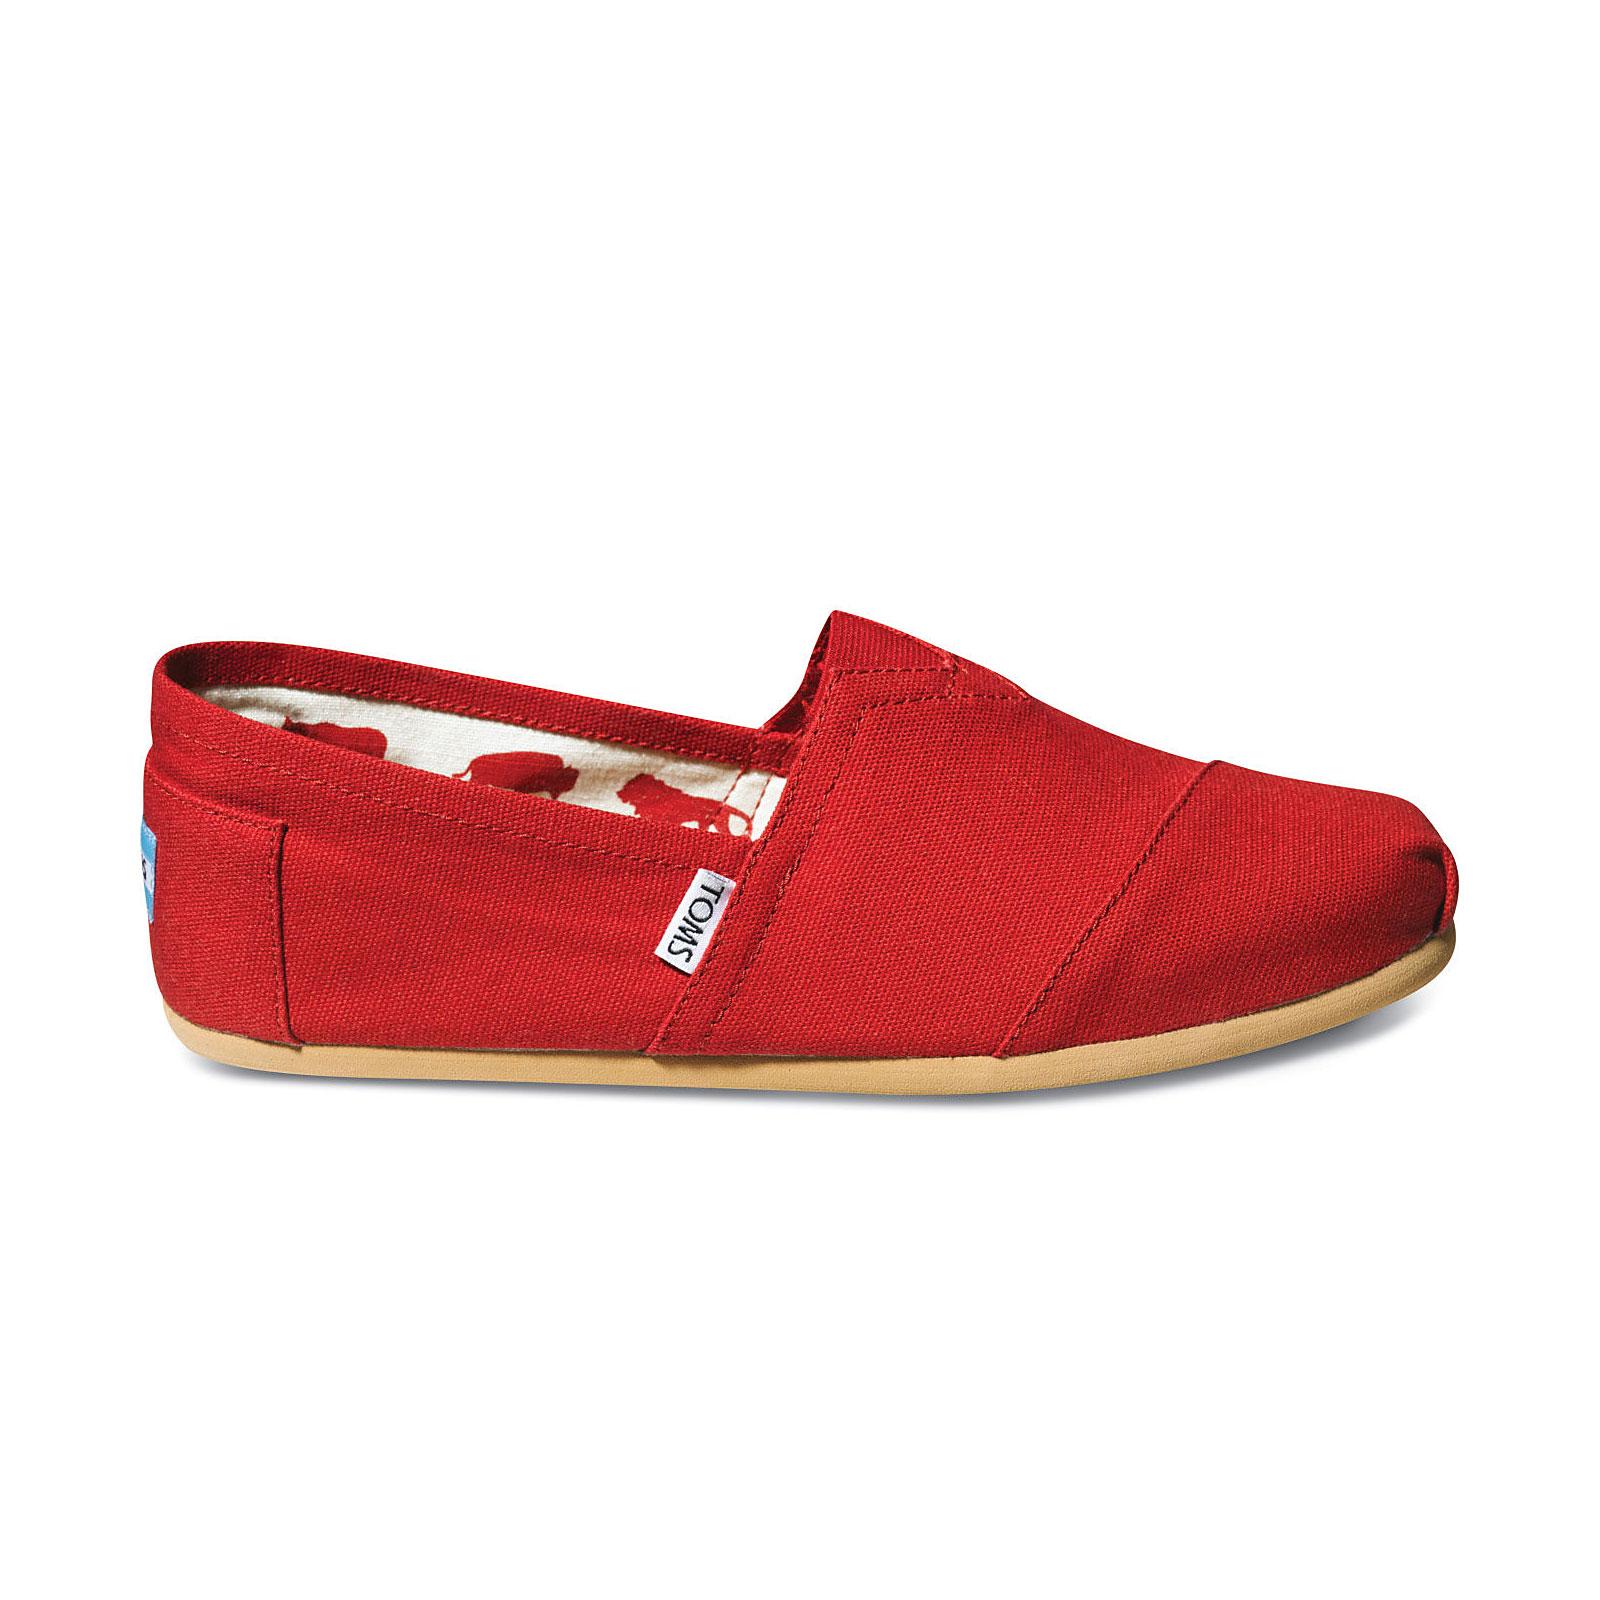 Toms 001001a07 - Men Classics Canvas Red 11.5  c44f4ec9a